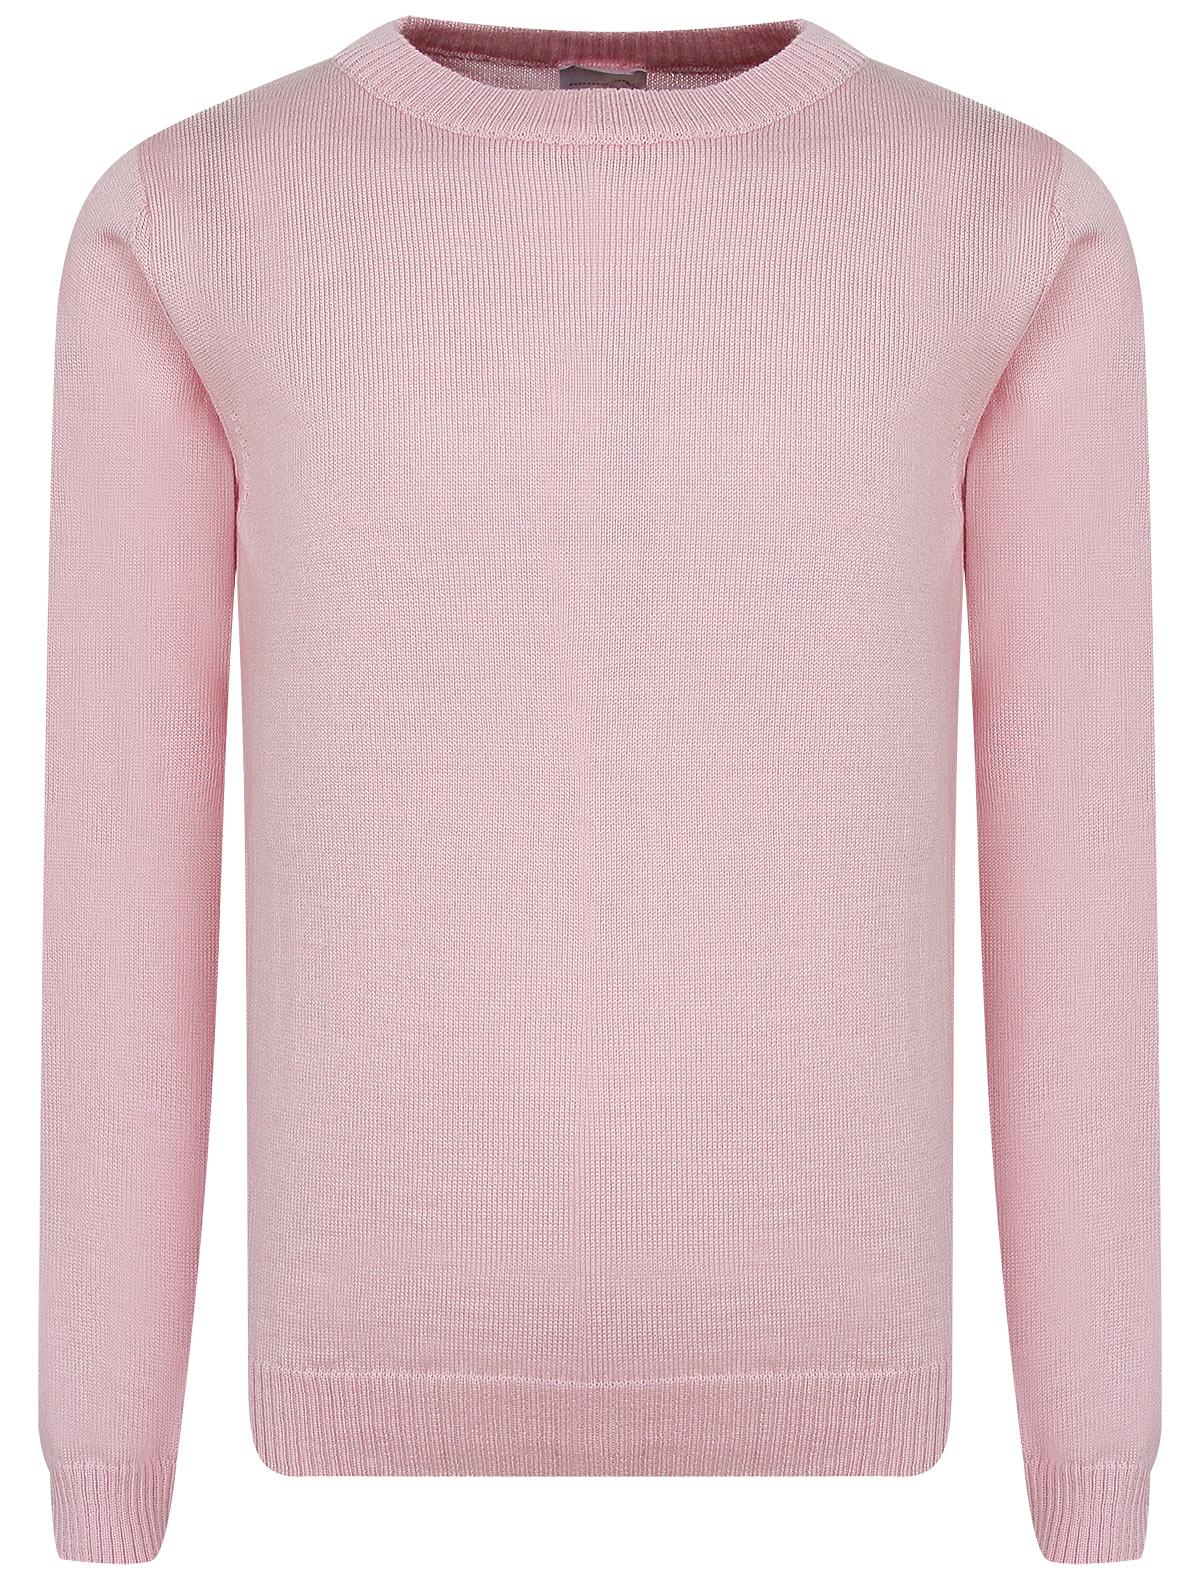 Купить 2256946, Джемпер Air wool, розовый, Женский, 1264509083653